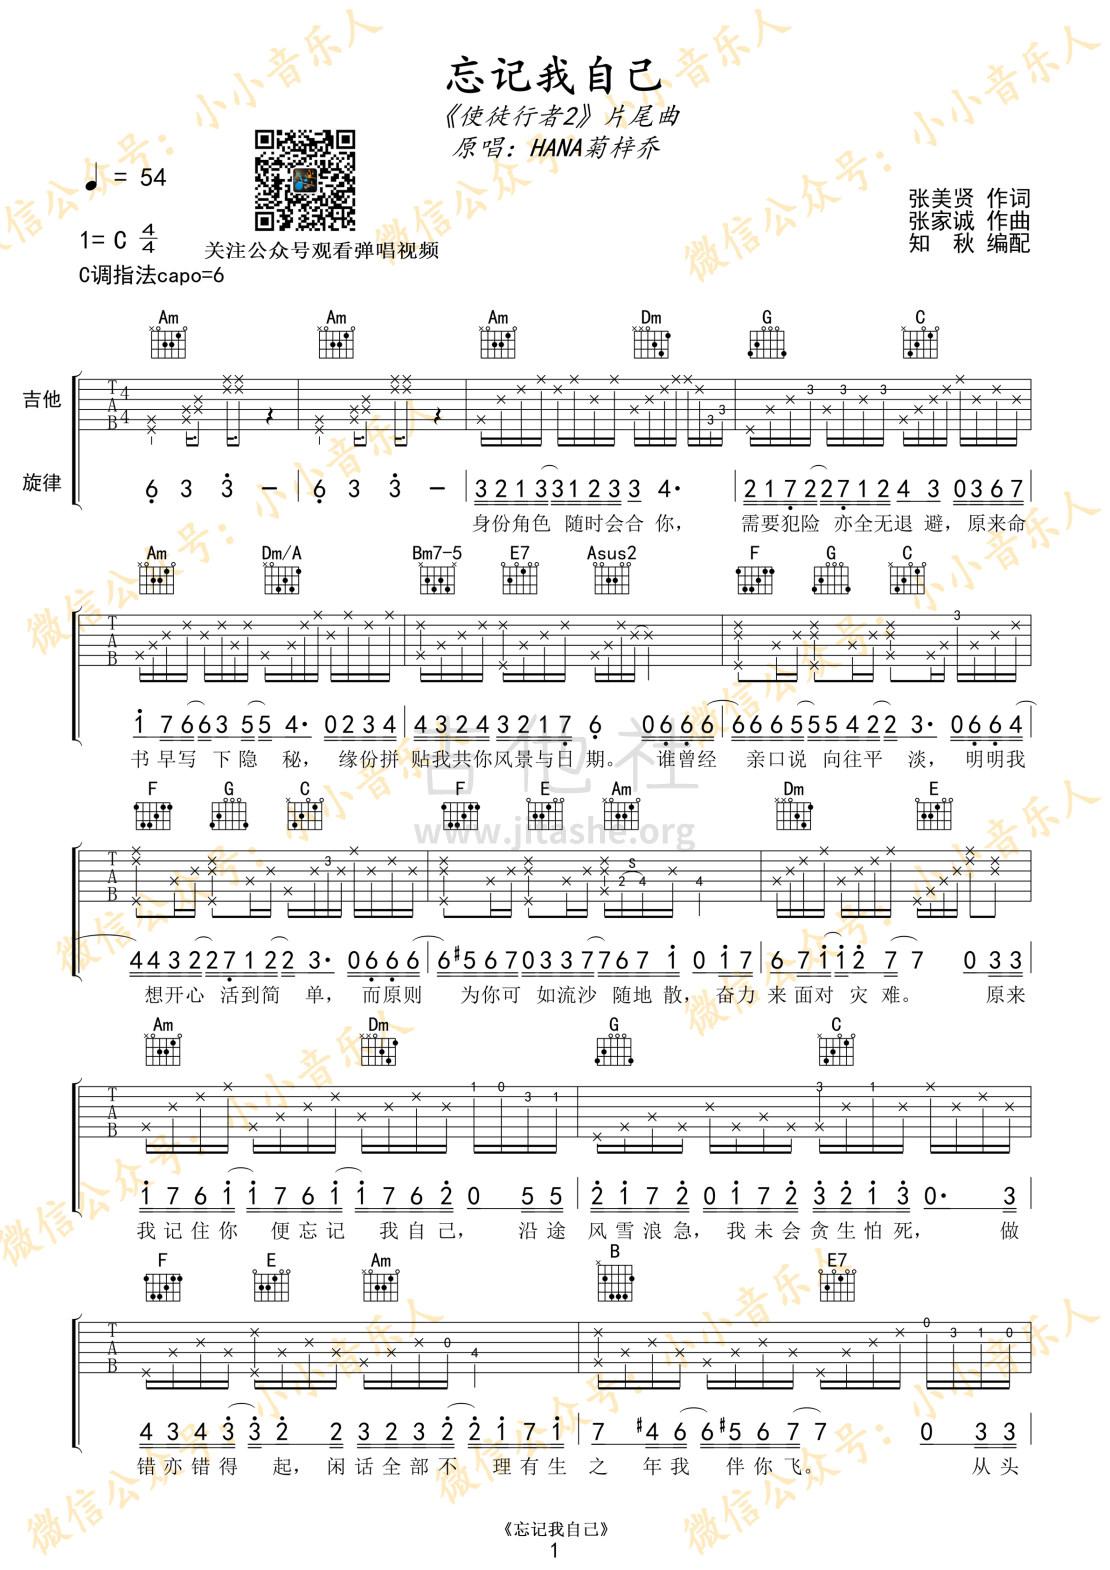 忘记我自己(电视剧《使徒行者2》片尾曲cover)吉他谱(图片谱,弹唱,使徒行者,hana)_HANA菊梓乔_忘记我自己1